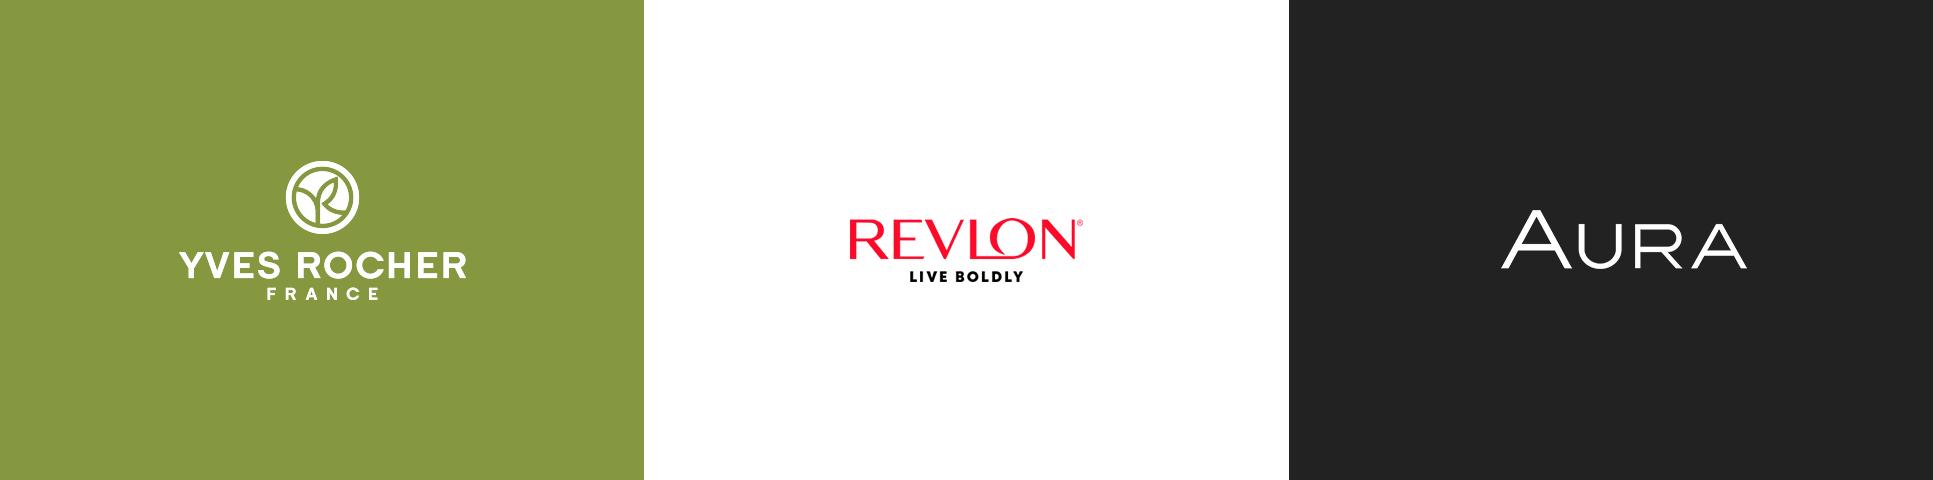 ОРНО АД разшири продуктовата си гама с козметичните марки Yves Rocher, Revlon и Aura.